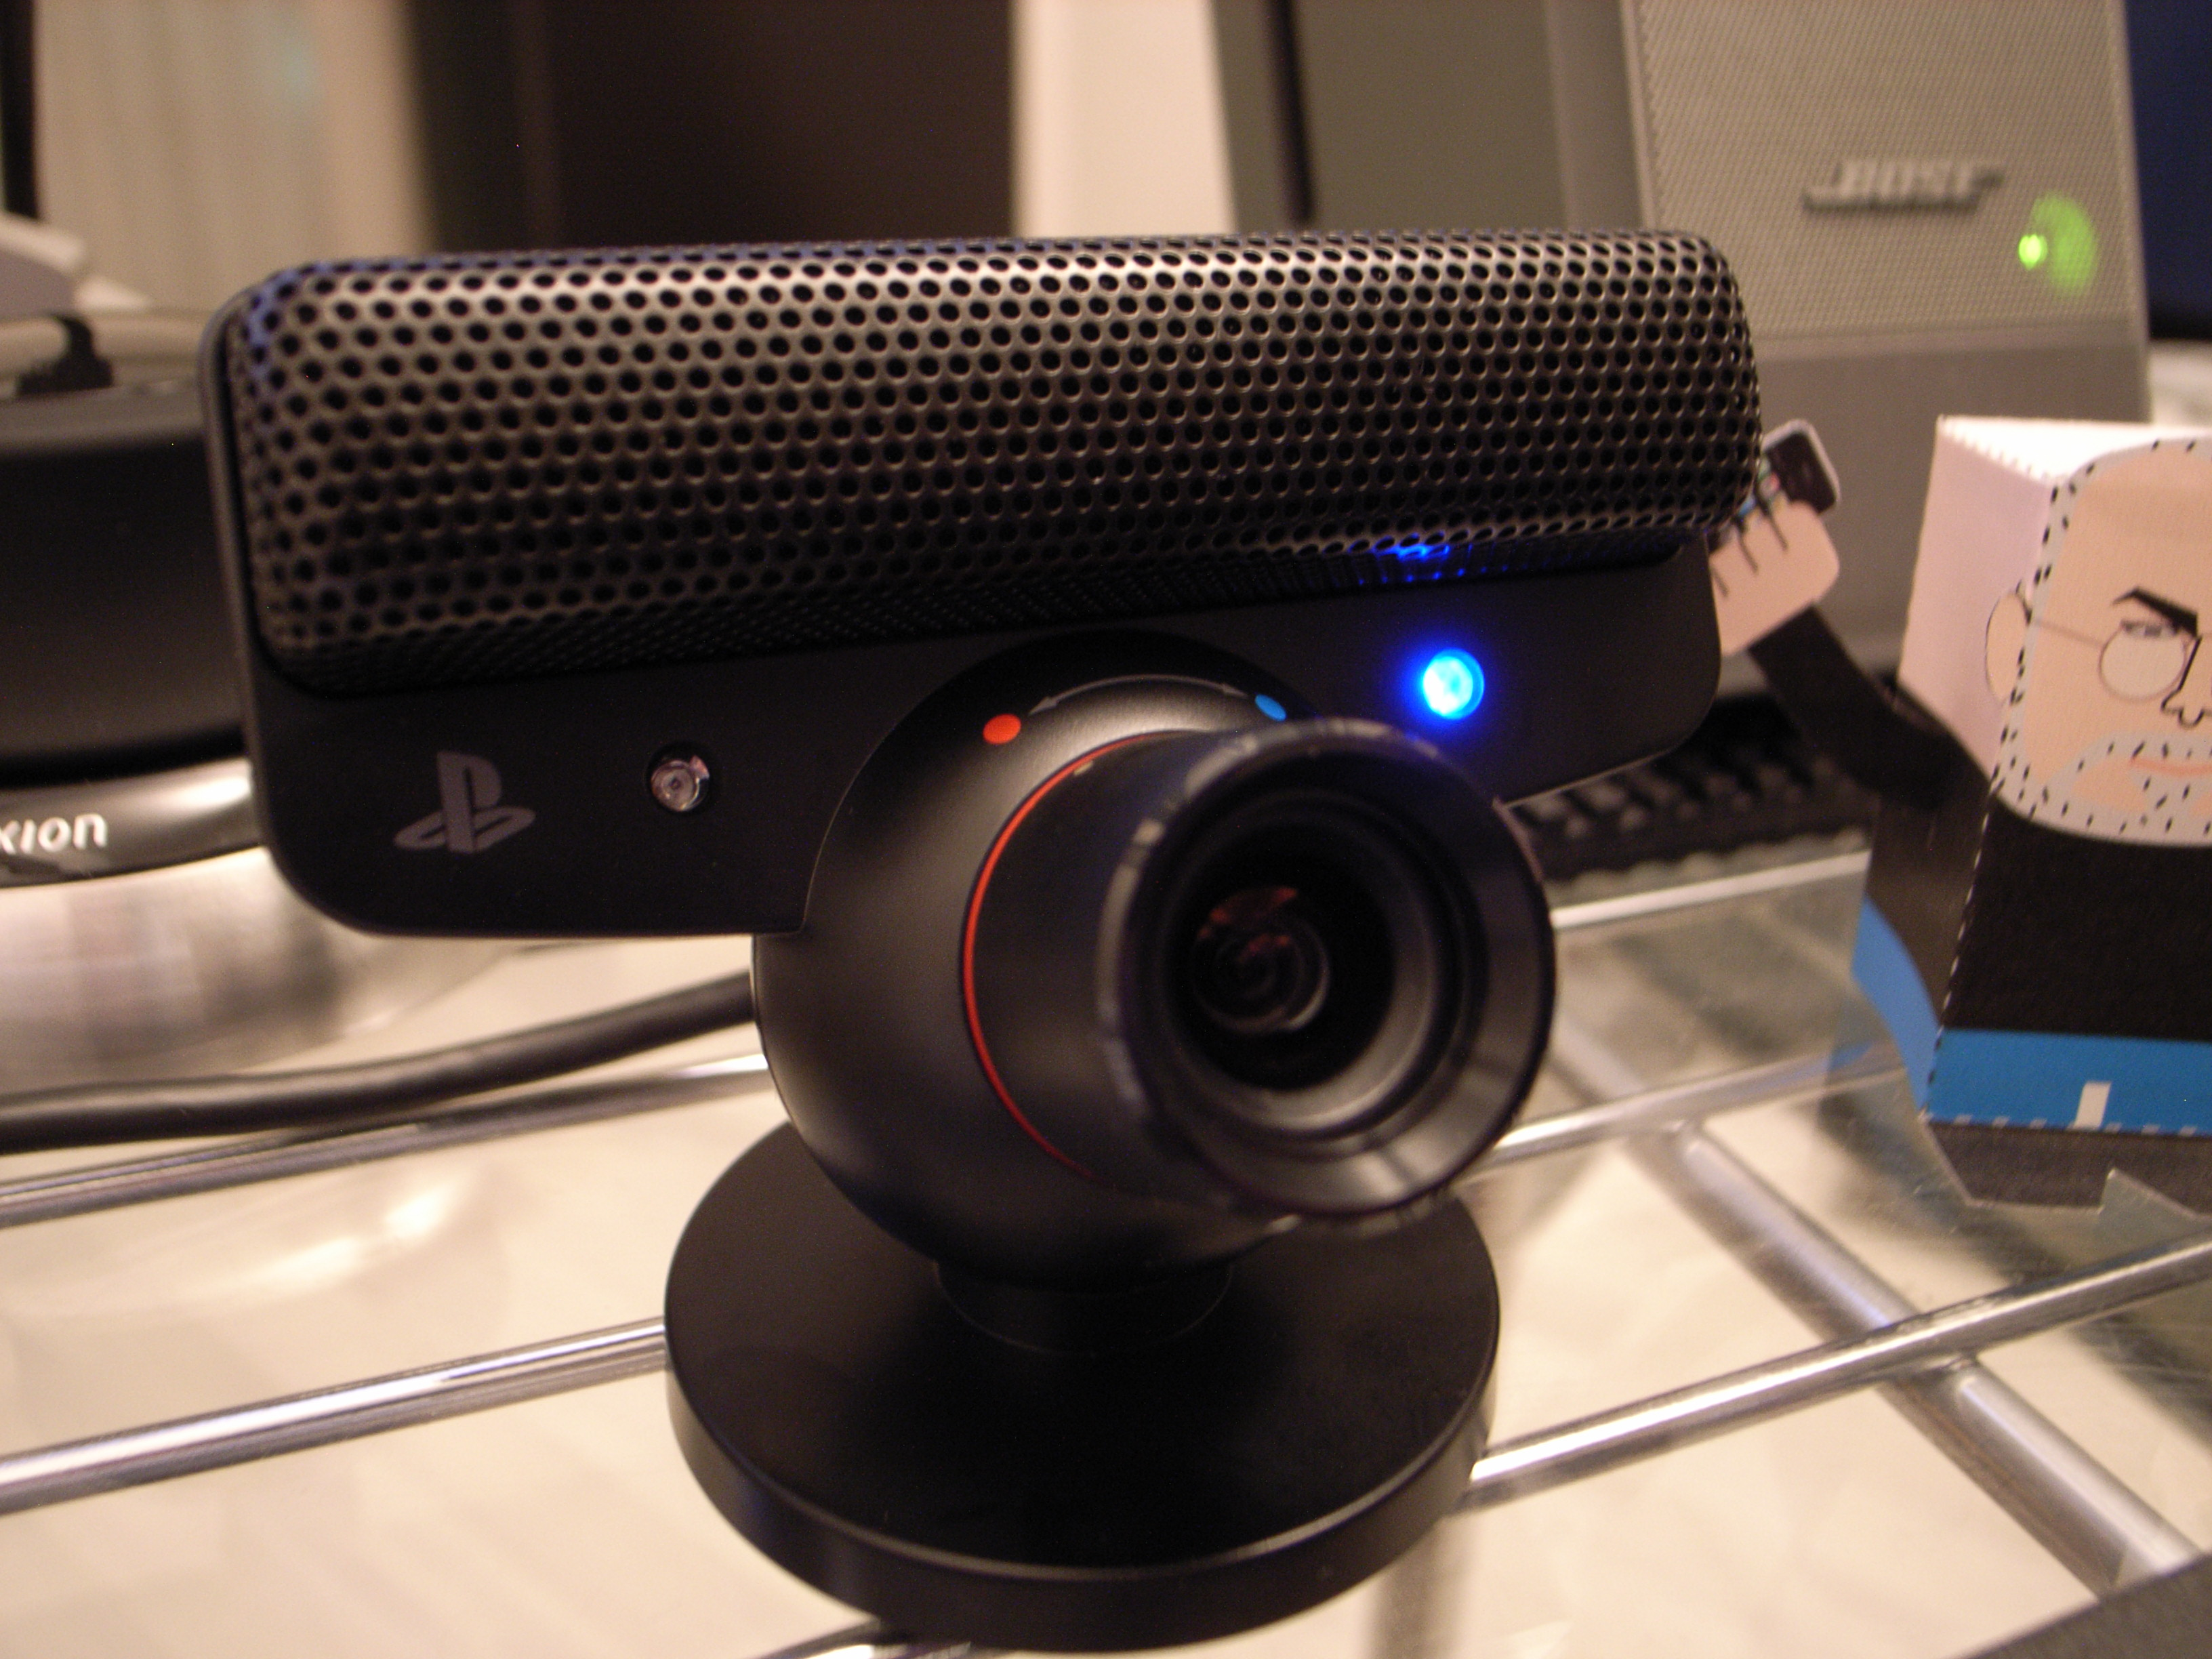 PlayStation Eye